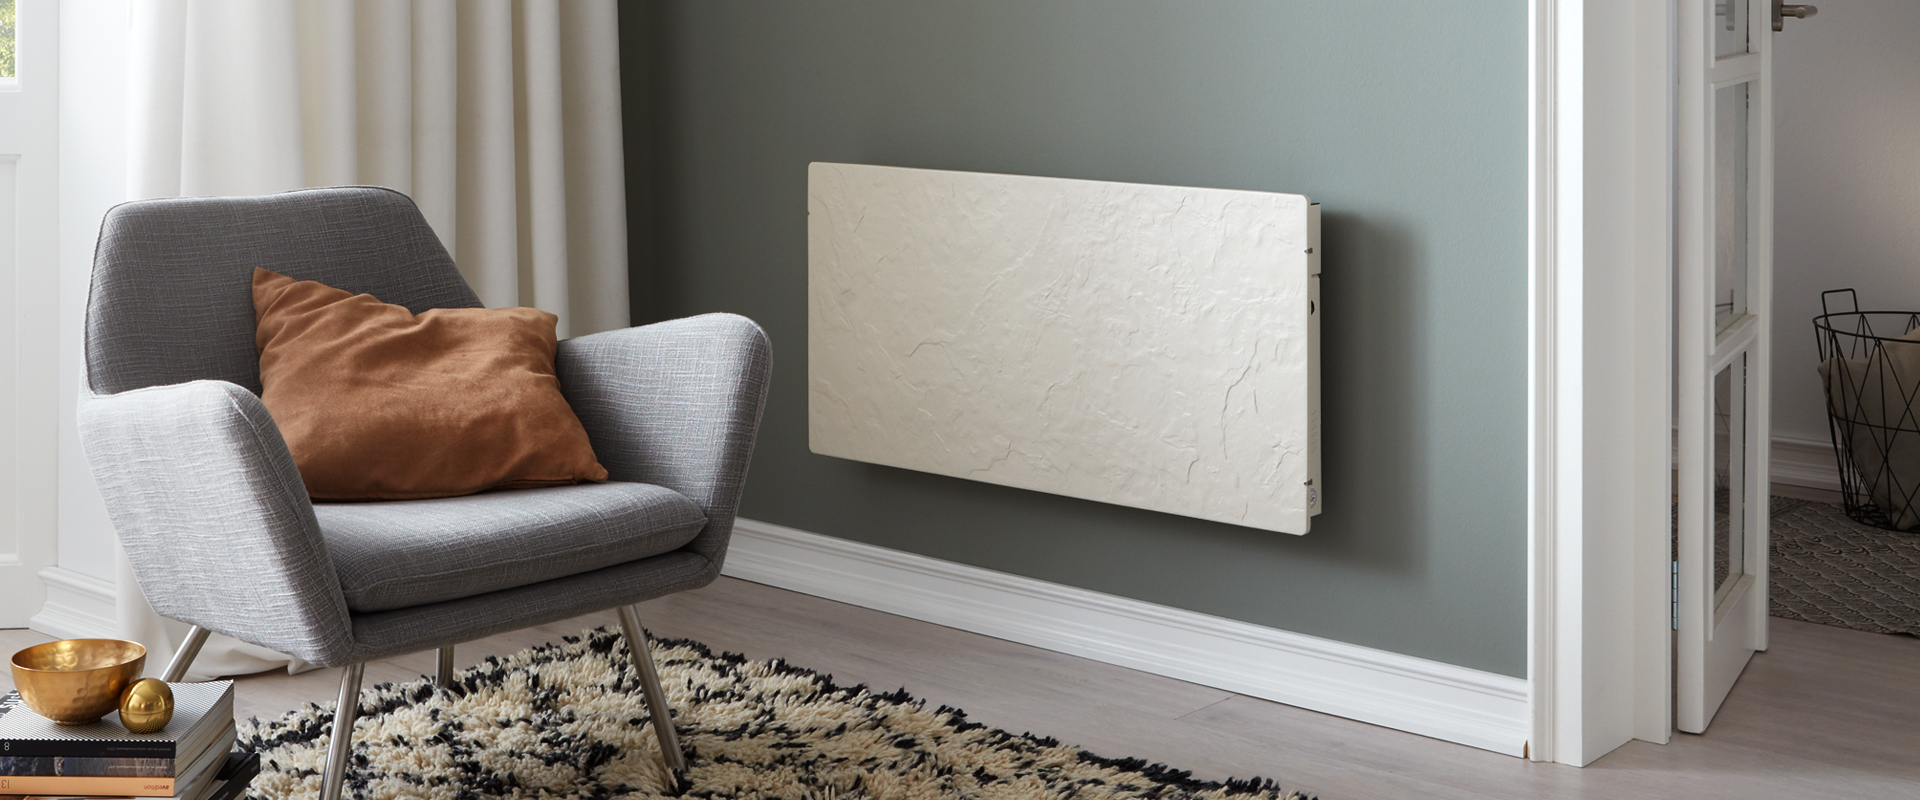 elektroheizungen in passenden bauformen f r jeden raum. Black Bedroom Furniture Sets. Home Design Ideas